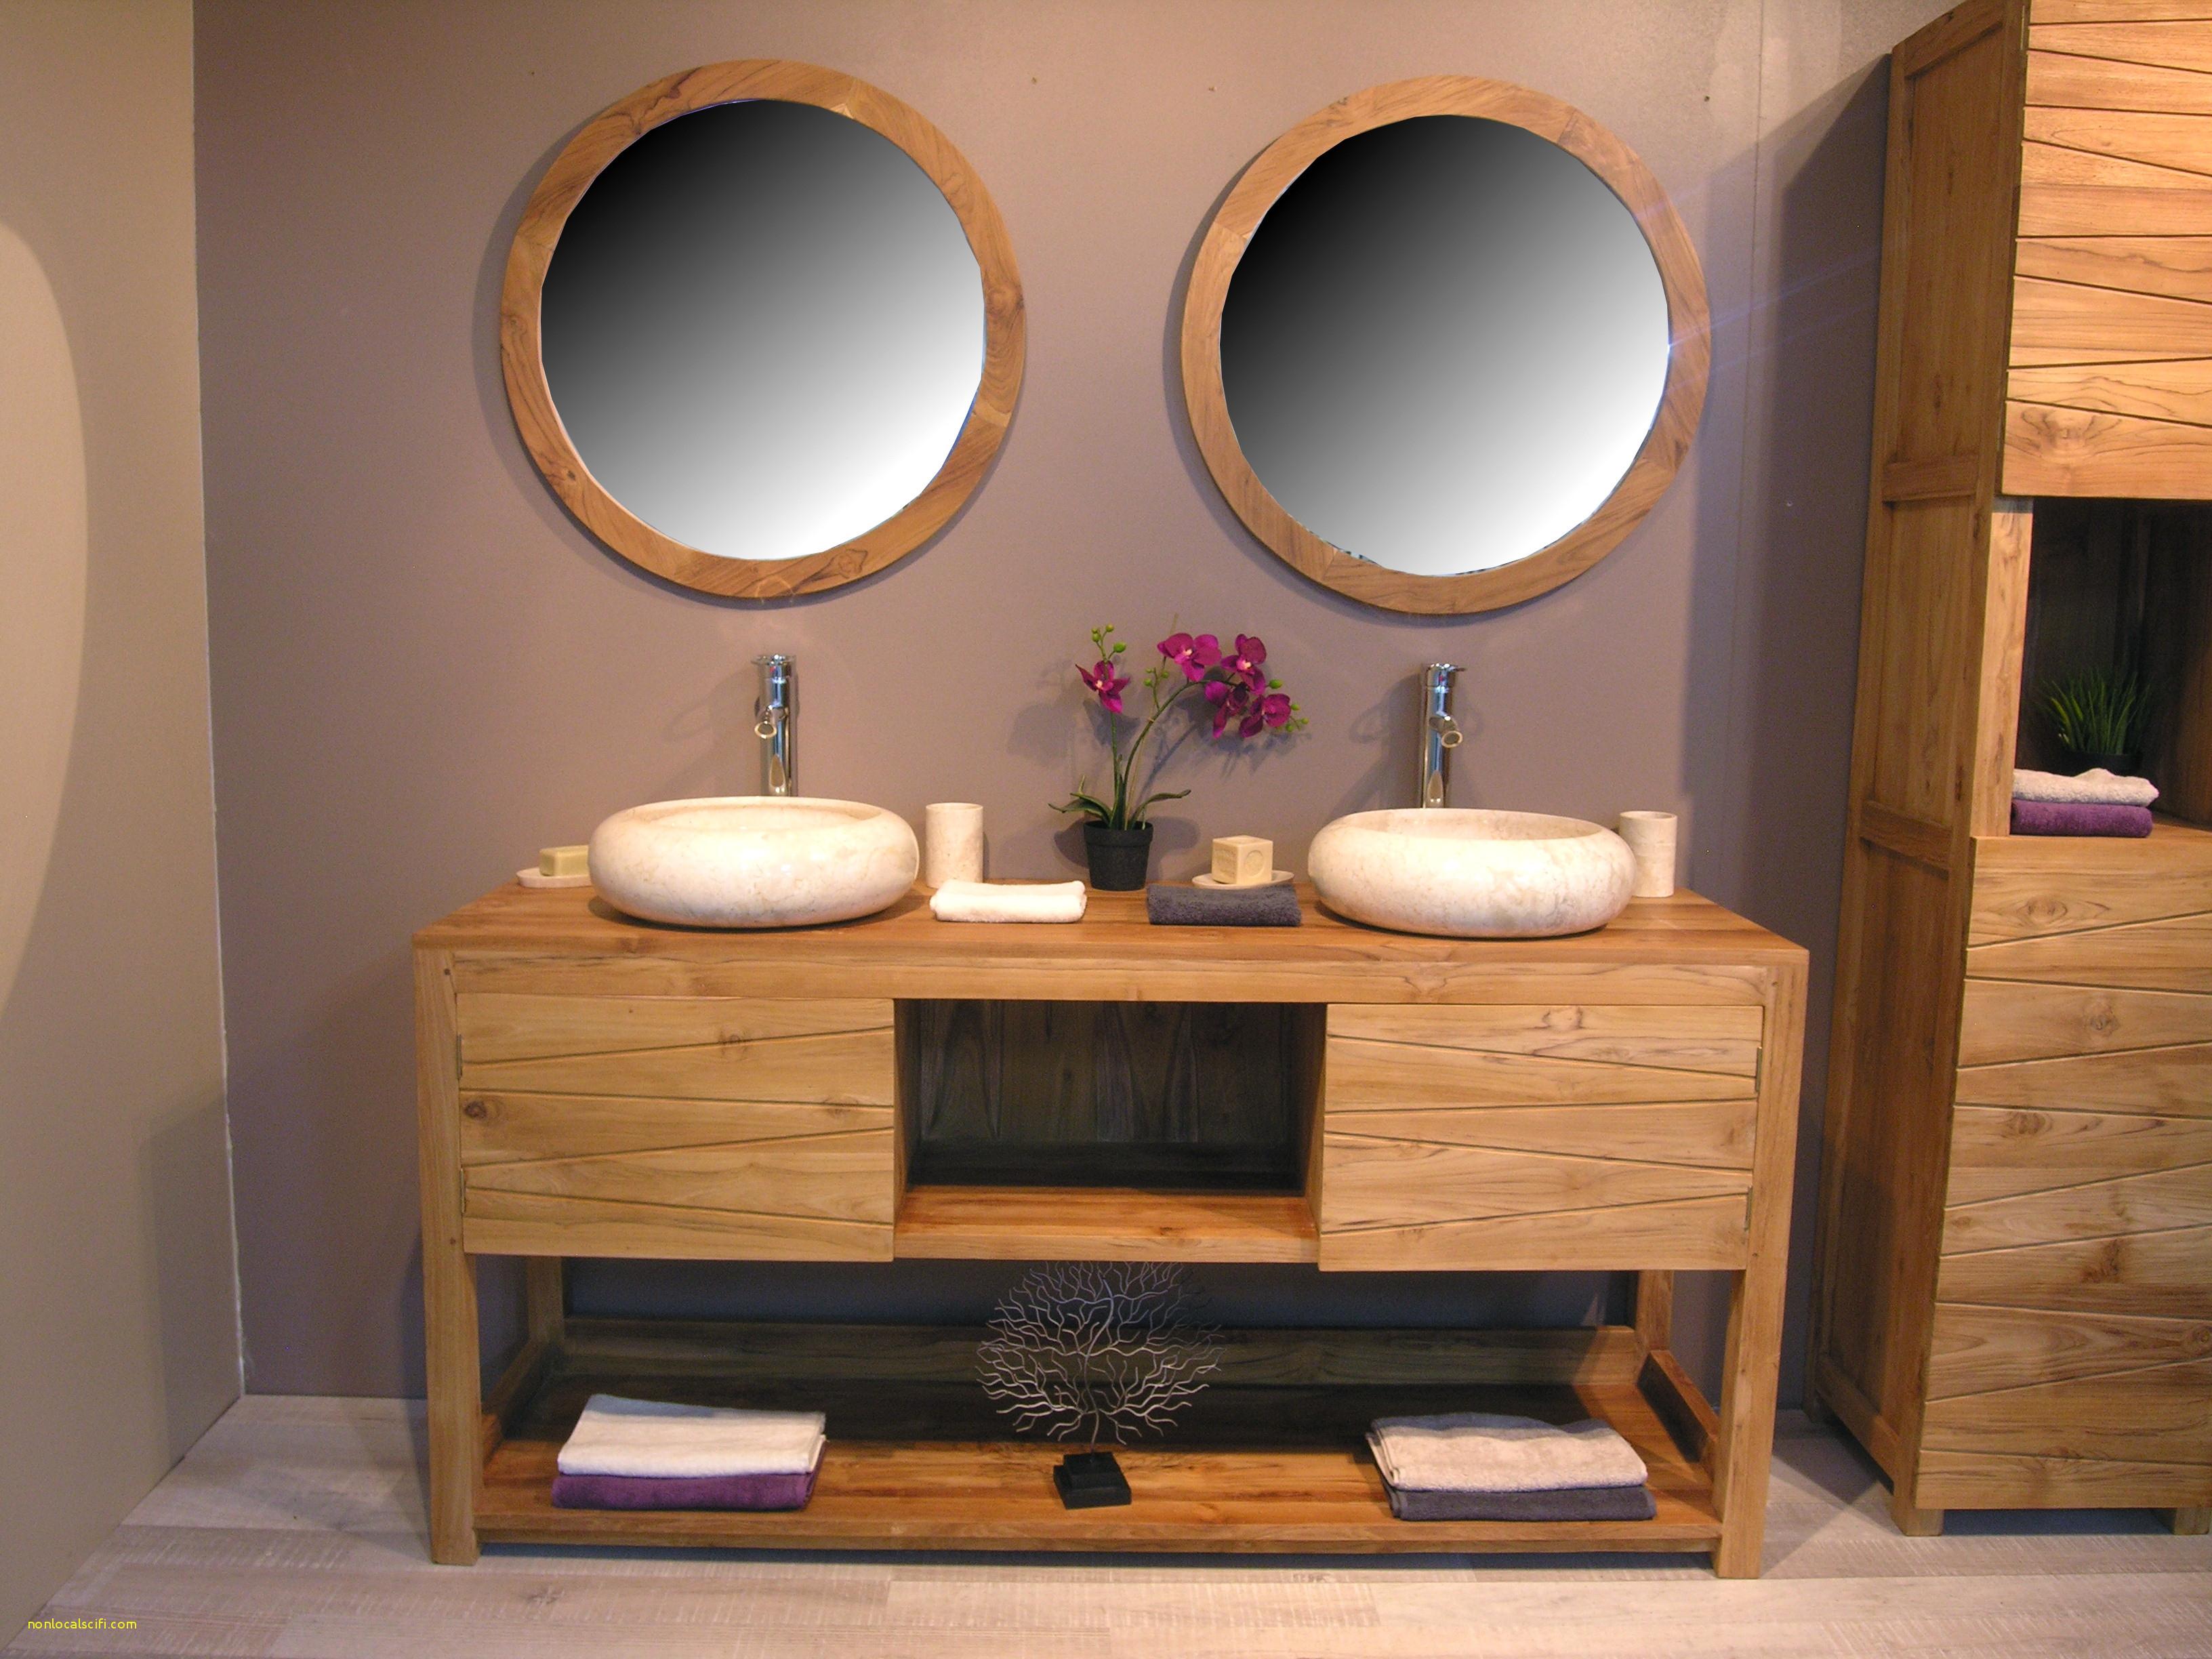 Evier Salle De Bain Ikea Impressionnant Galerie Résultat Supérieur 100 Impressionnant Petit Meuble De Salle Bain